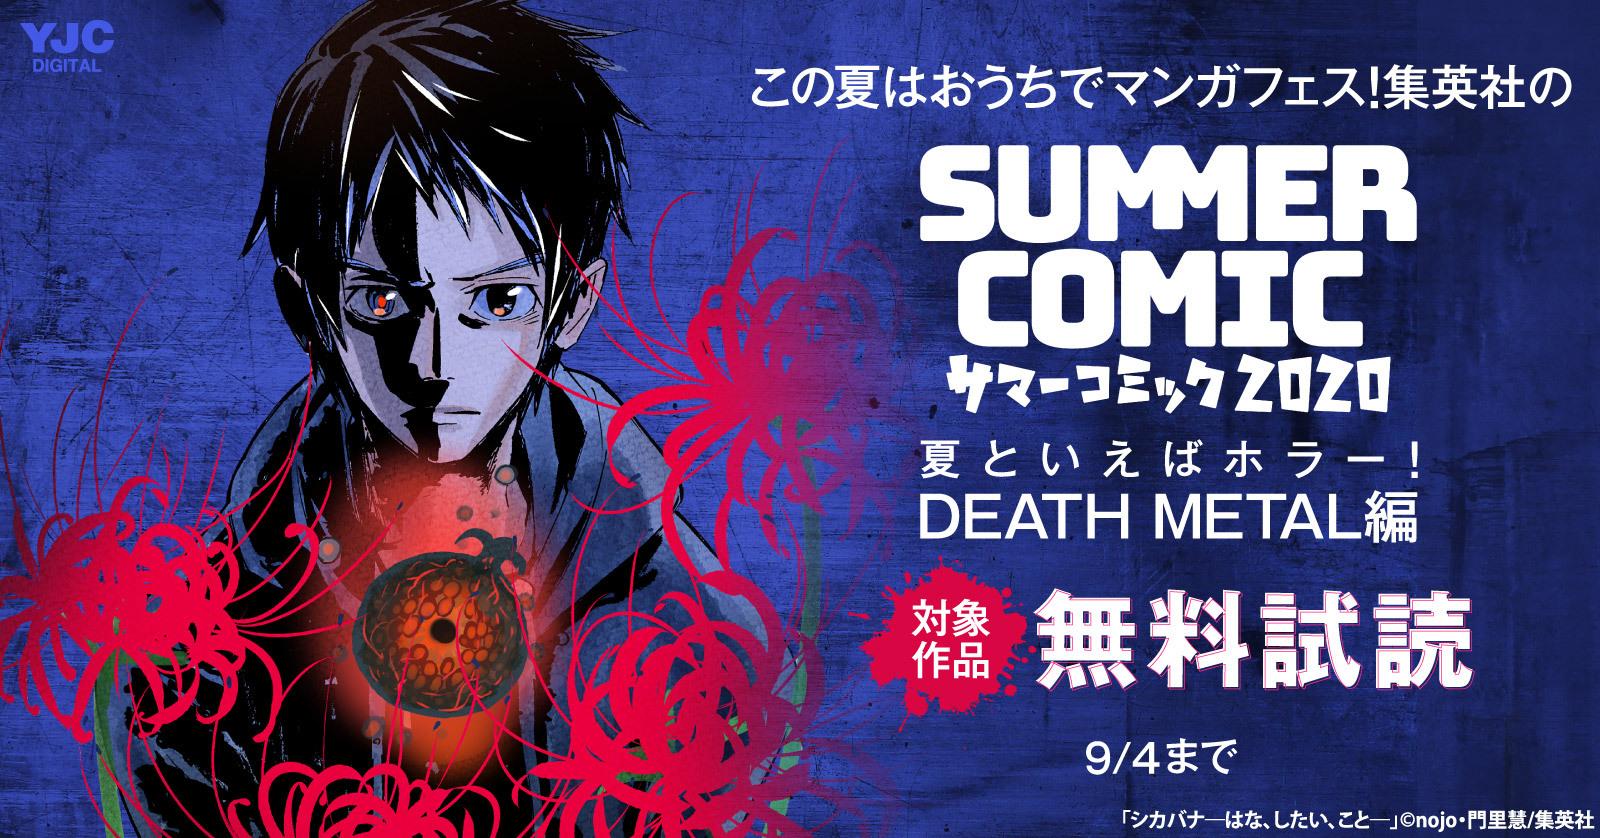 この夏はおうちでマンガフェス! 集英社の「SUMMER COMIC 2020」 DEATH METAL編 夏といえばホラー!怪異・オカルト・人外の恐怖に震えろ!